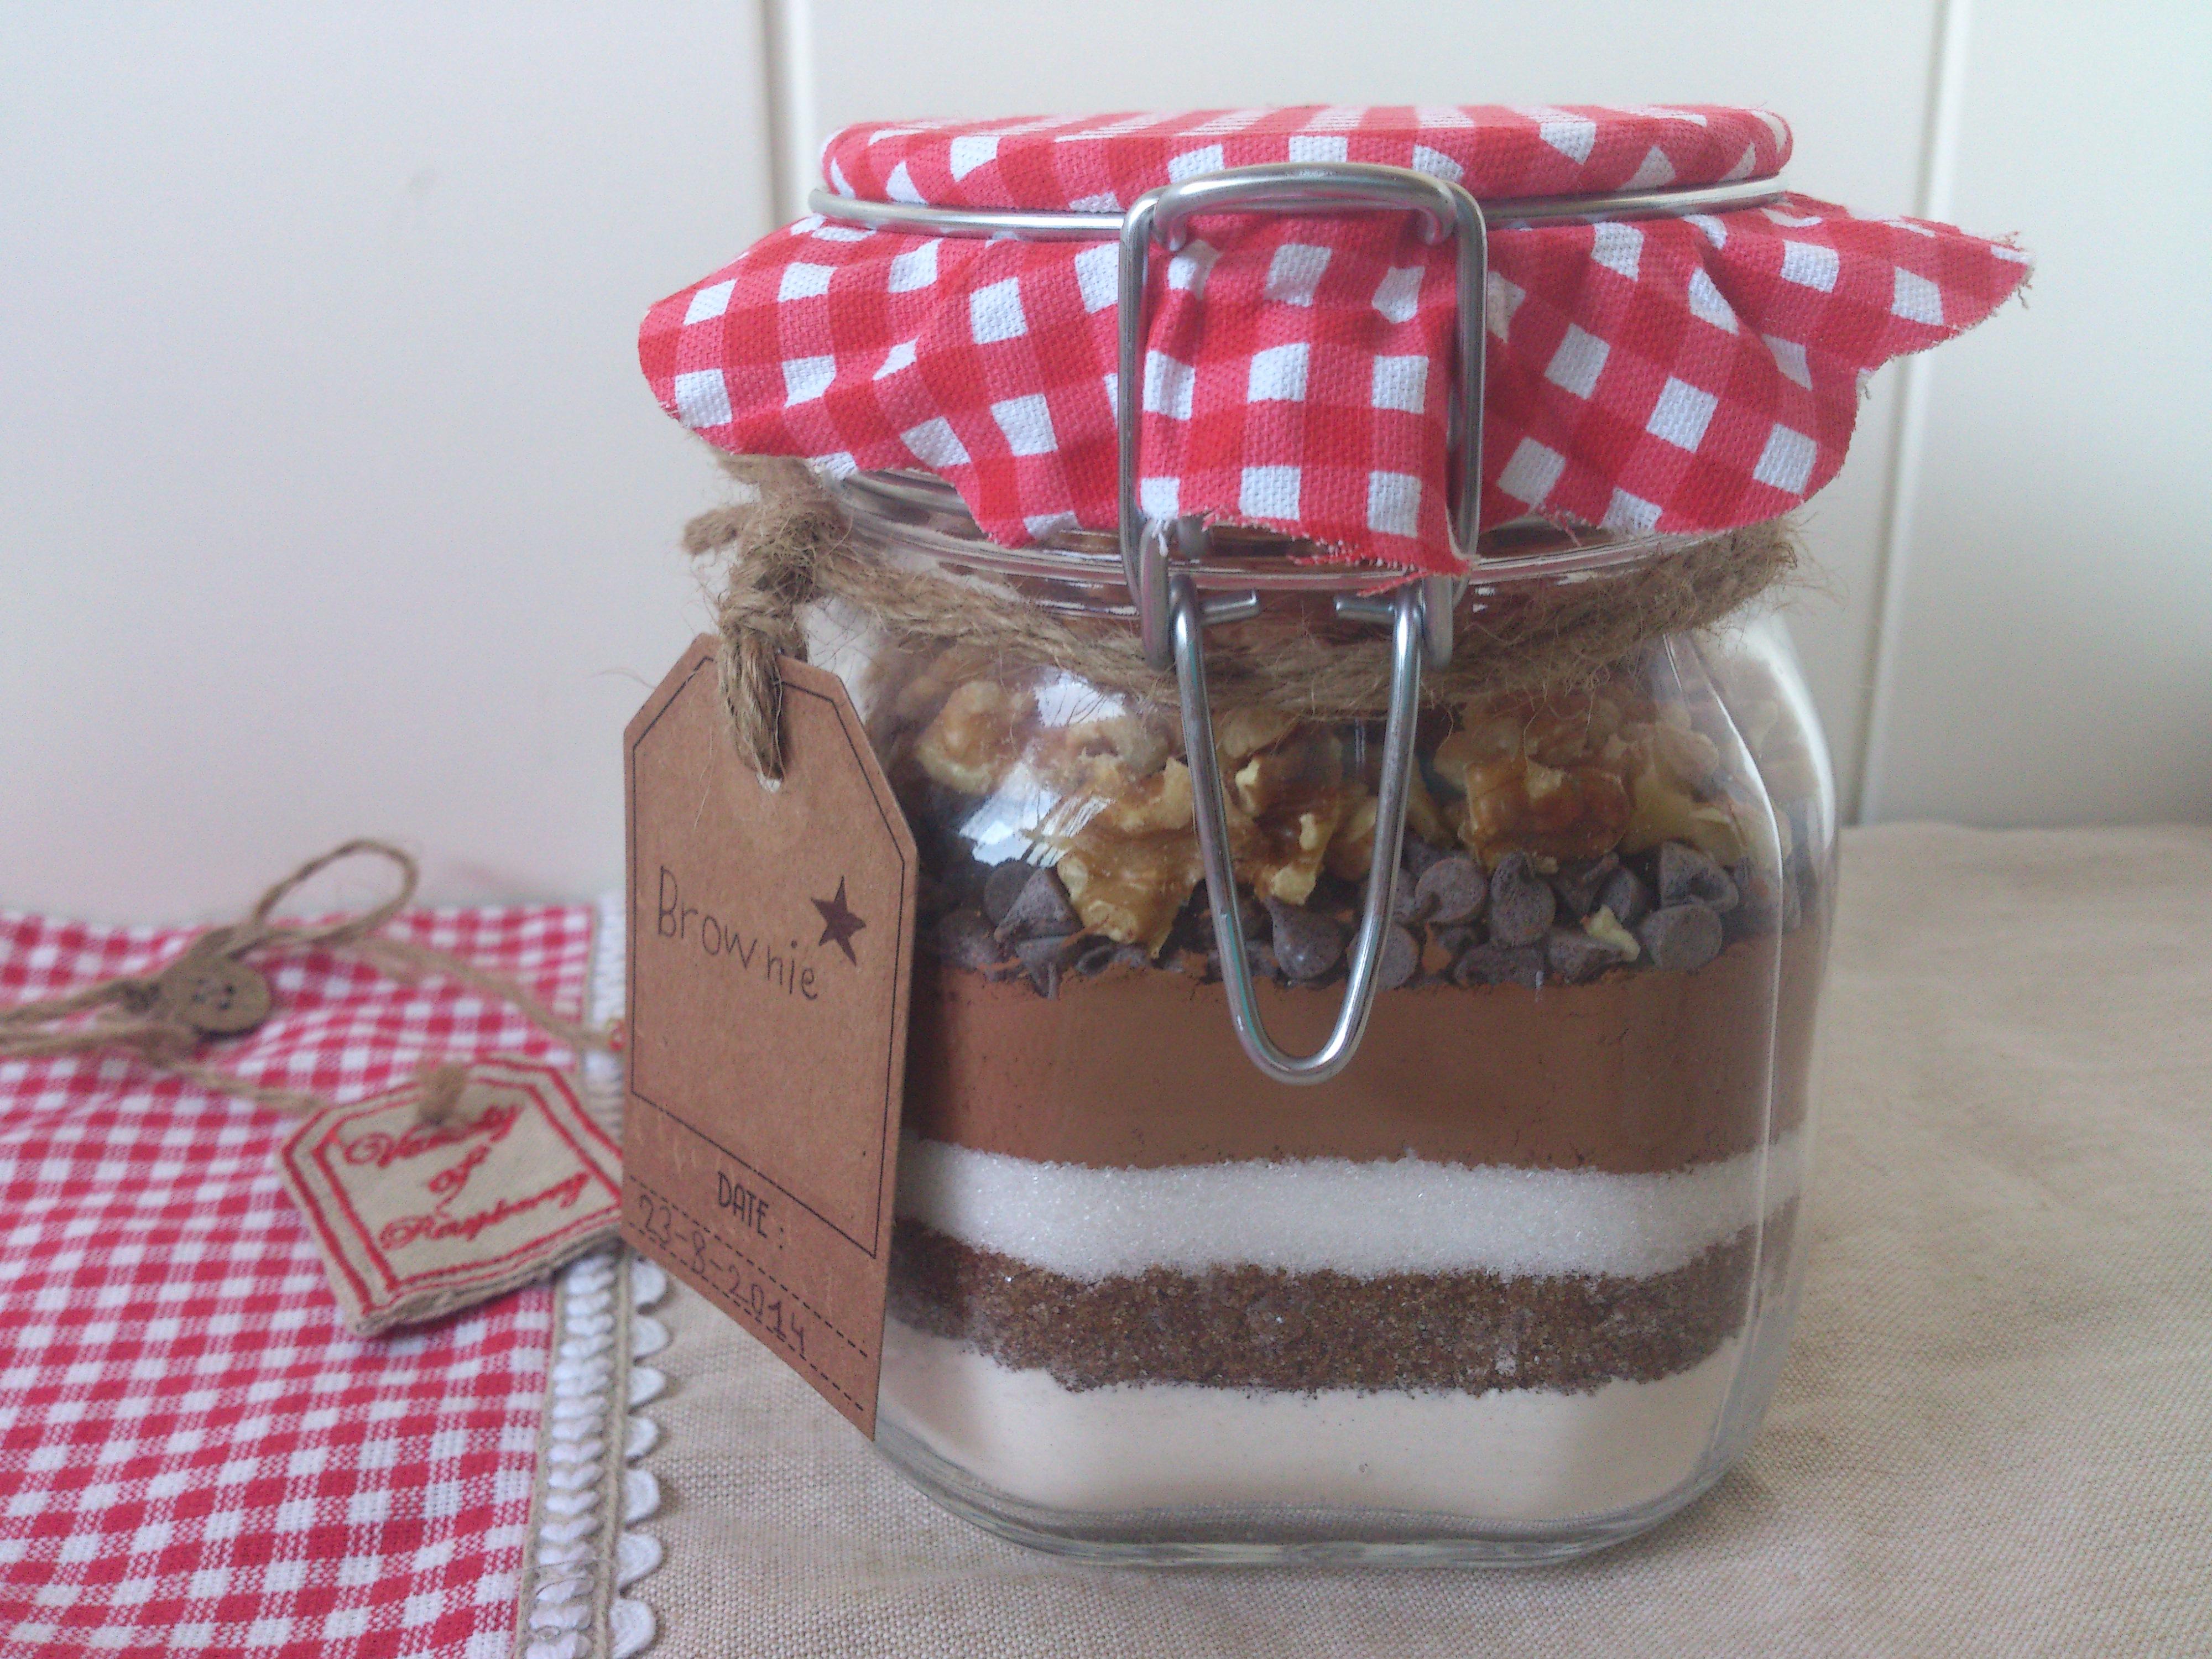 C mo hacer un tarro de brownie preparado para regalar for Cursos de cocina para regalar